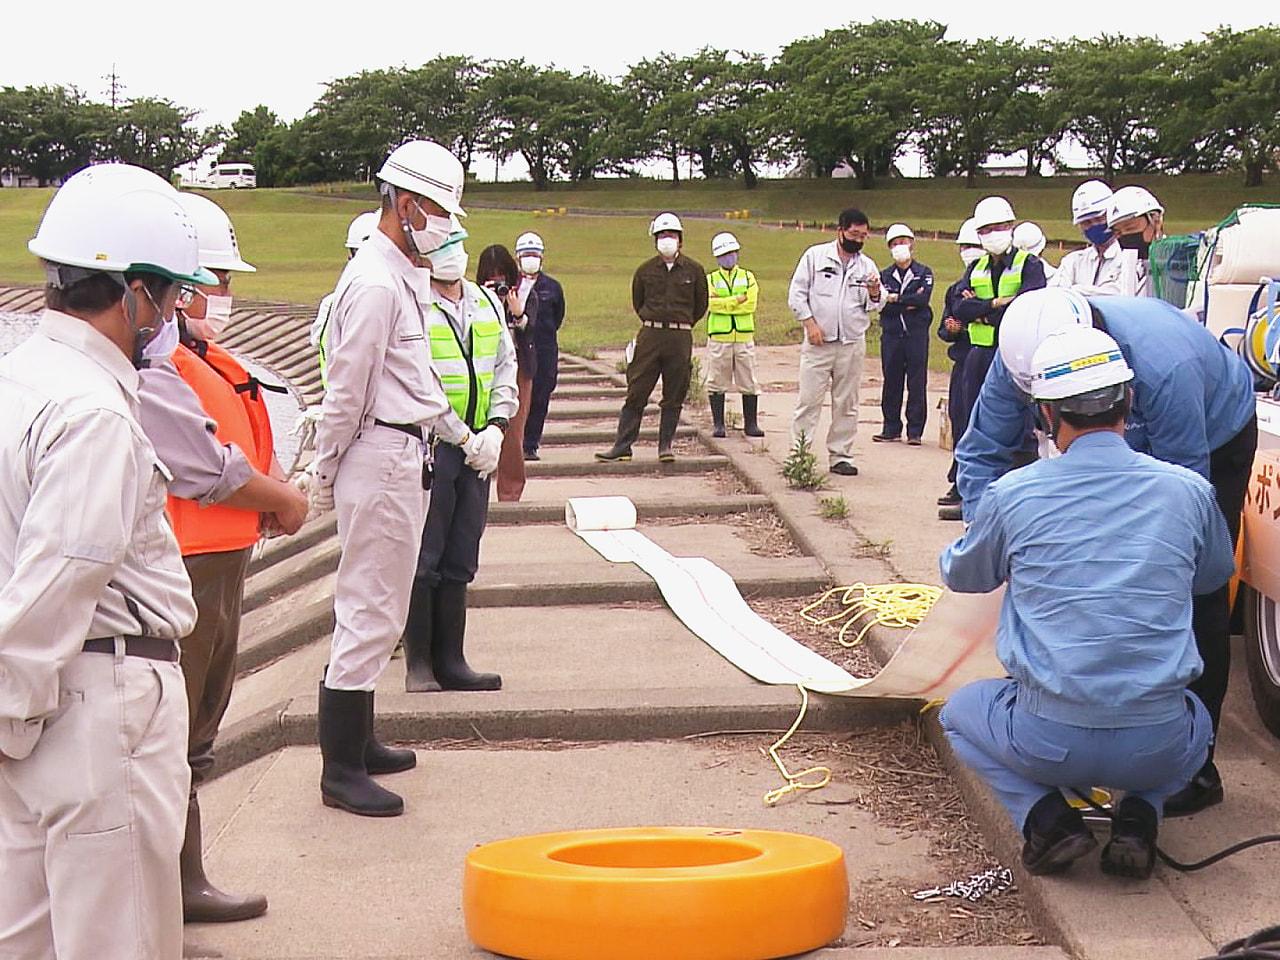 大雨による浸水被害に備え、岐阜県が2021年1月に導入した排水ポンプ車の操作訓練...